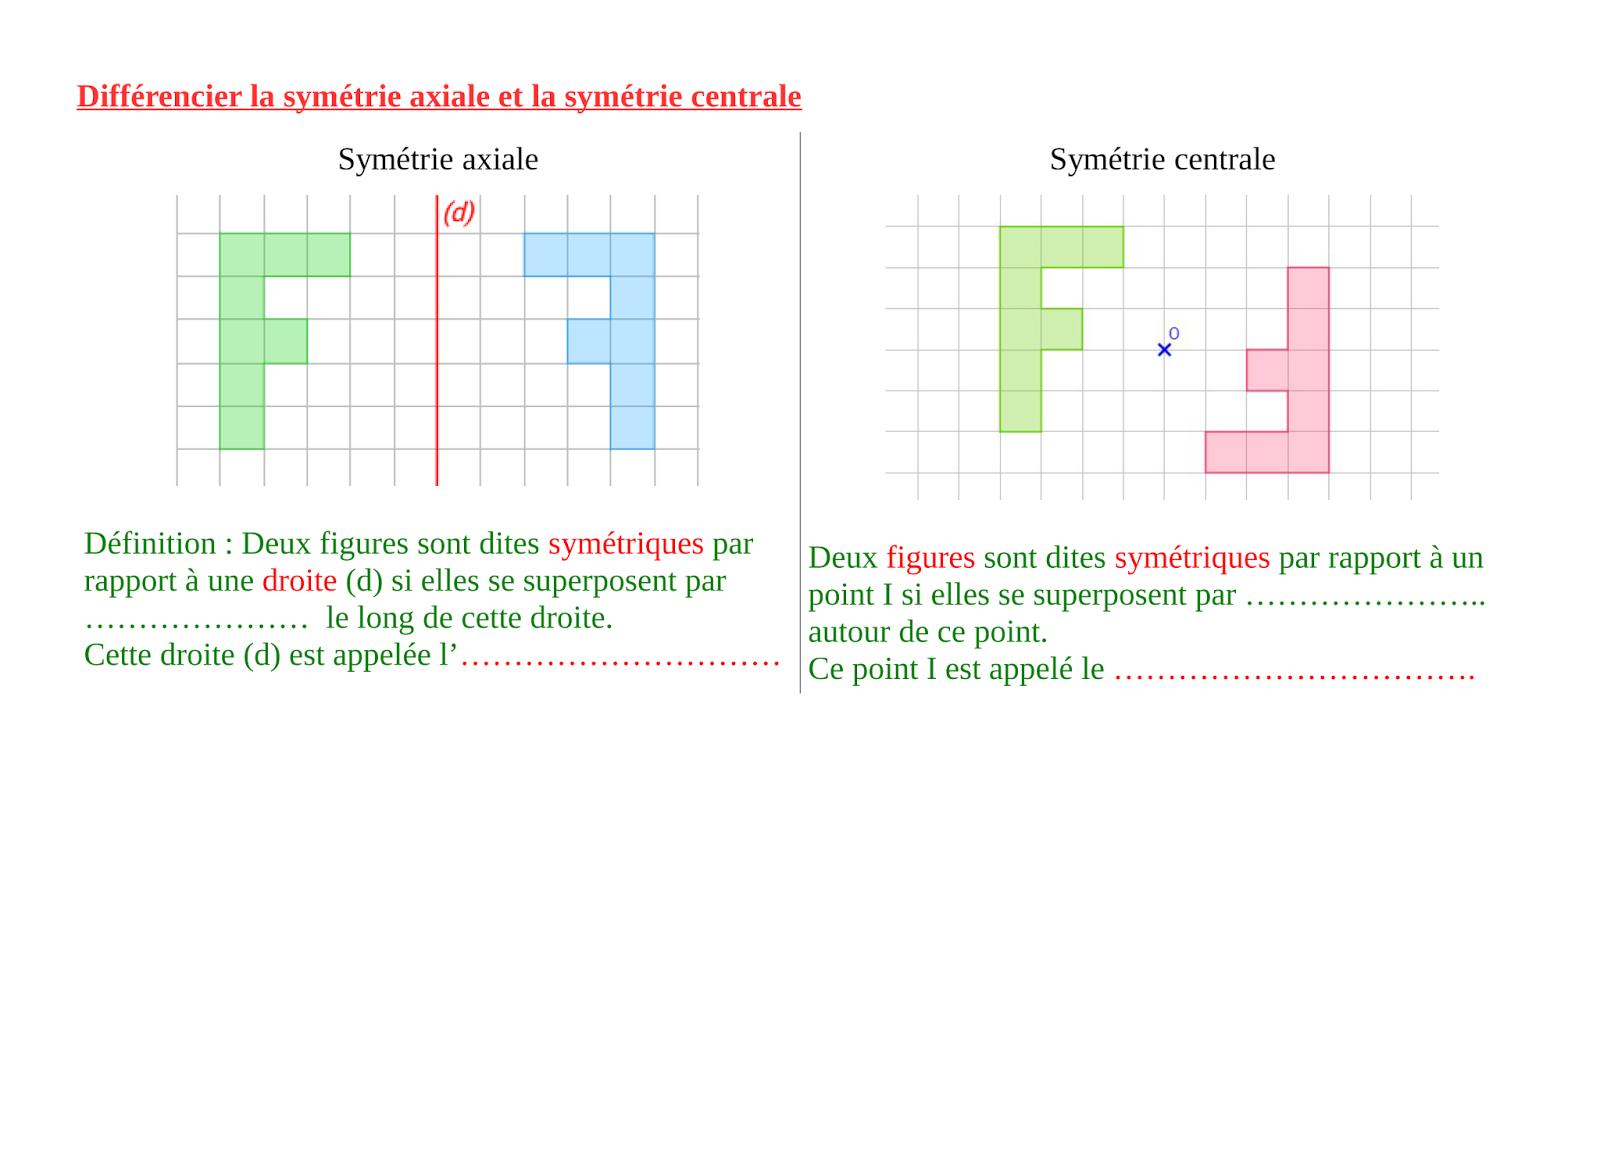 5Ème - Chapitre 3 : Différencier Symétrie Axiale Et Symétrie avec Symetrie Axial